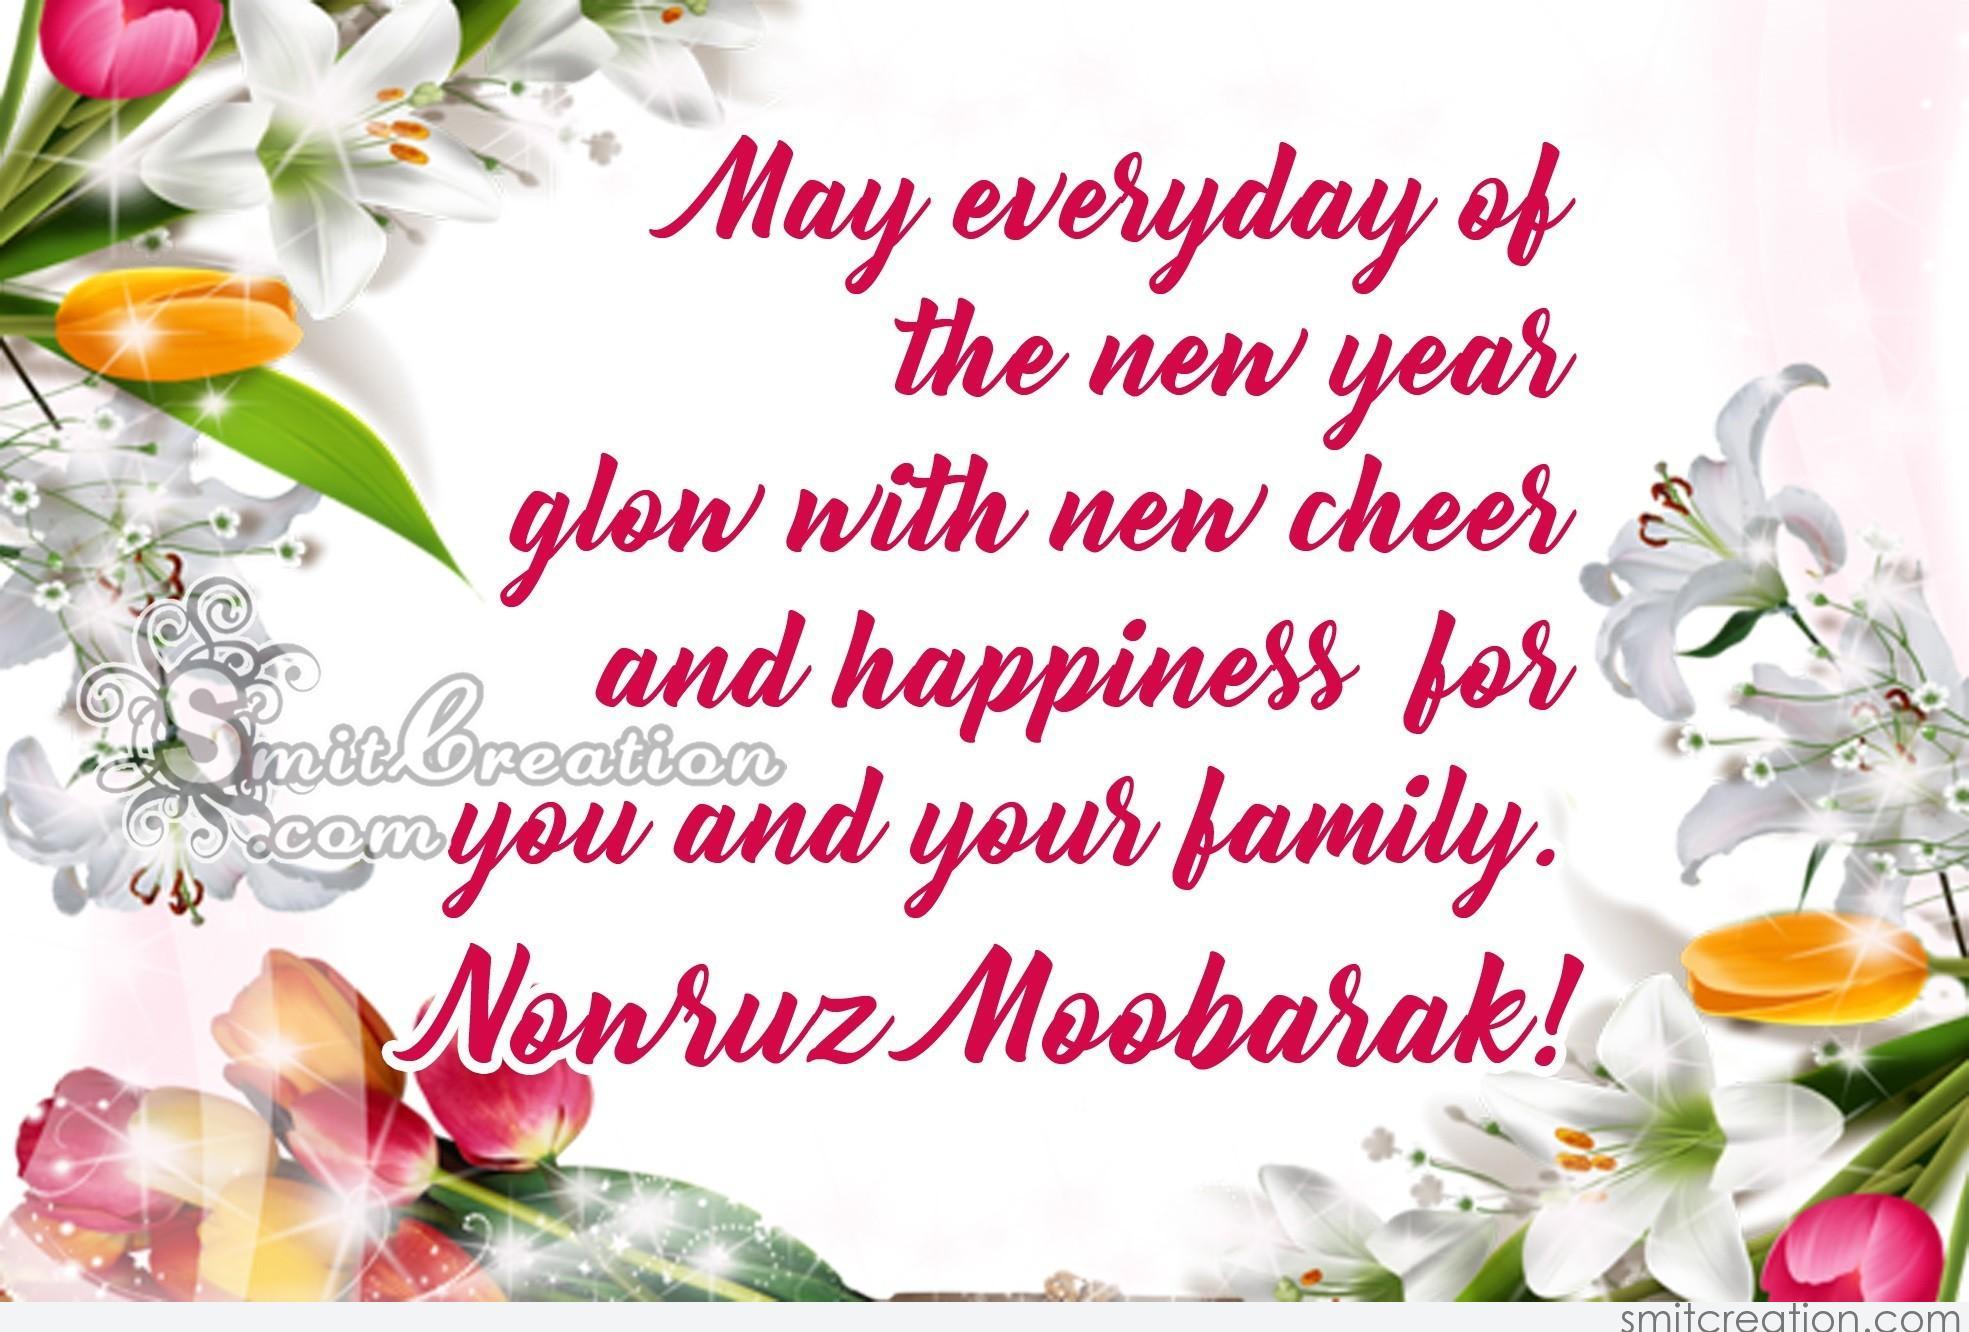 Nowruz Moobarak